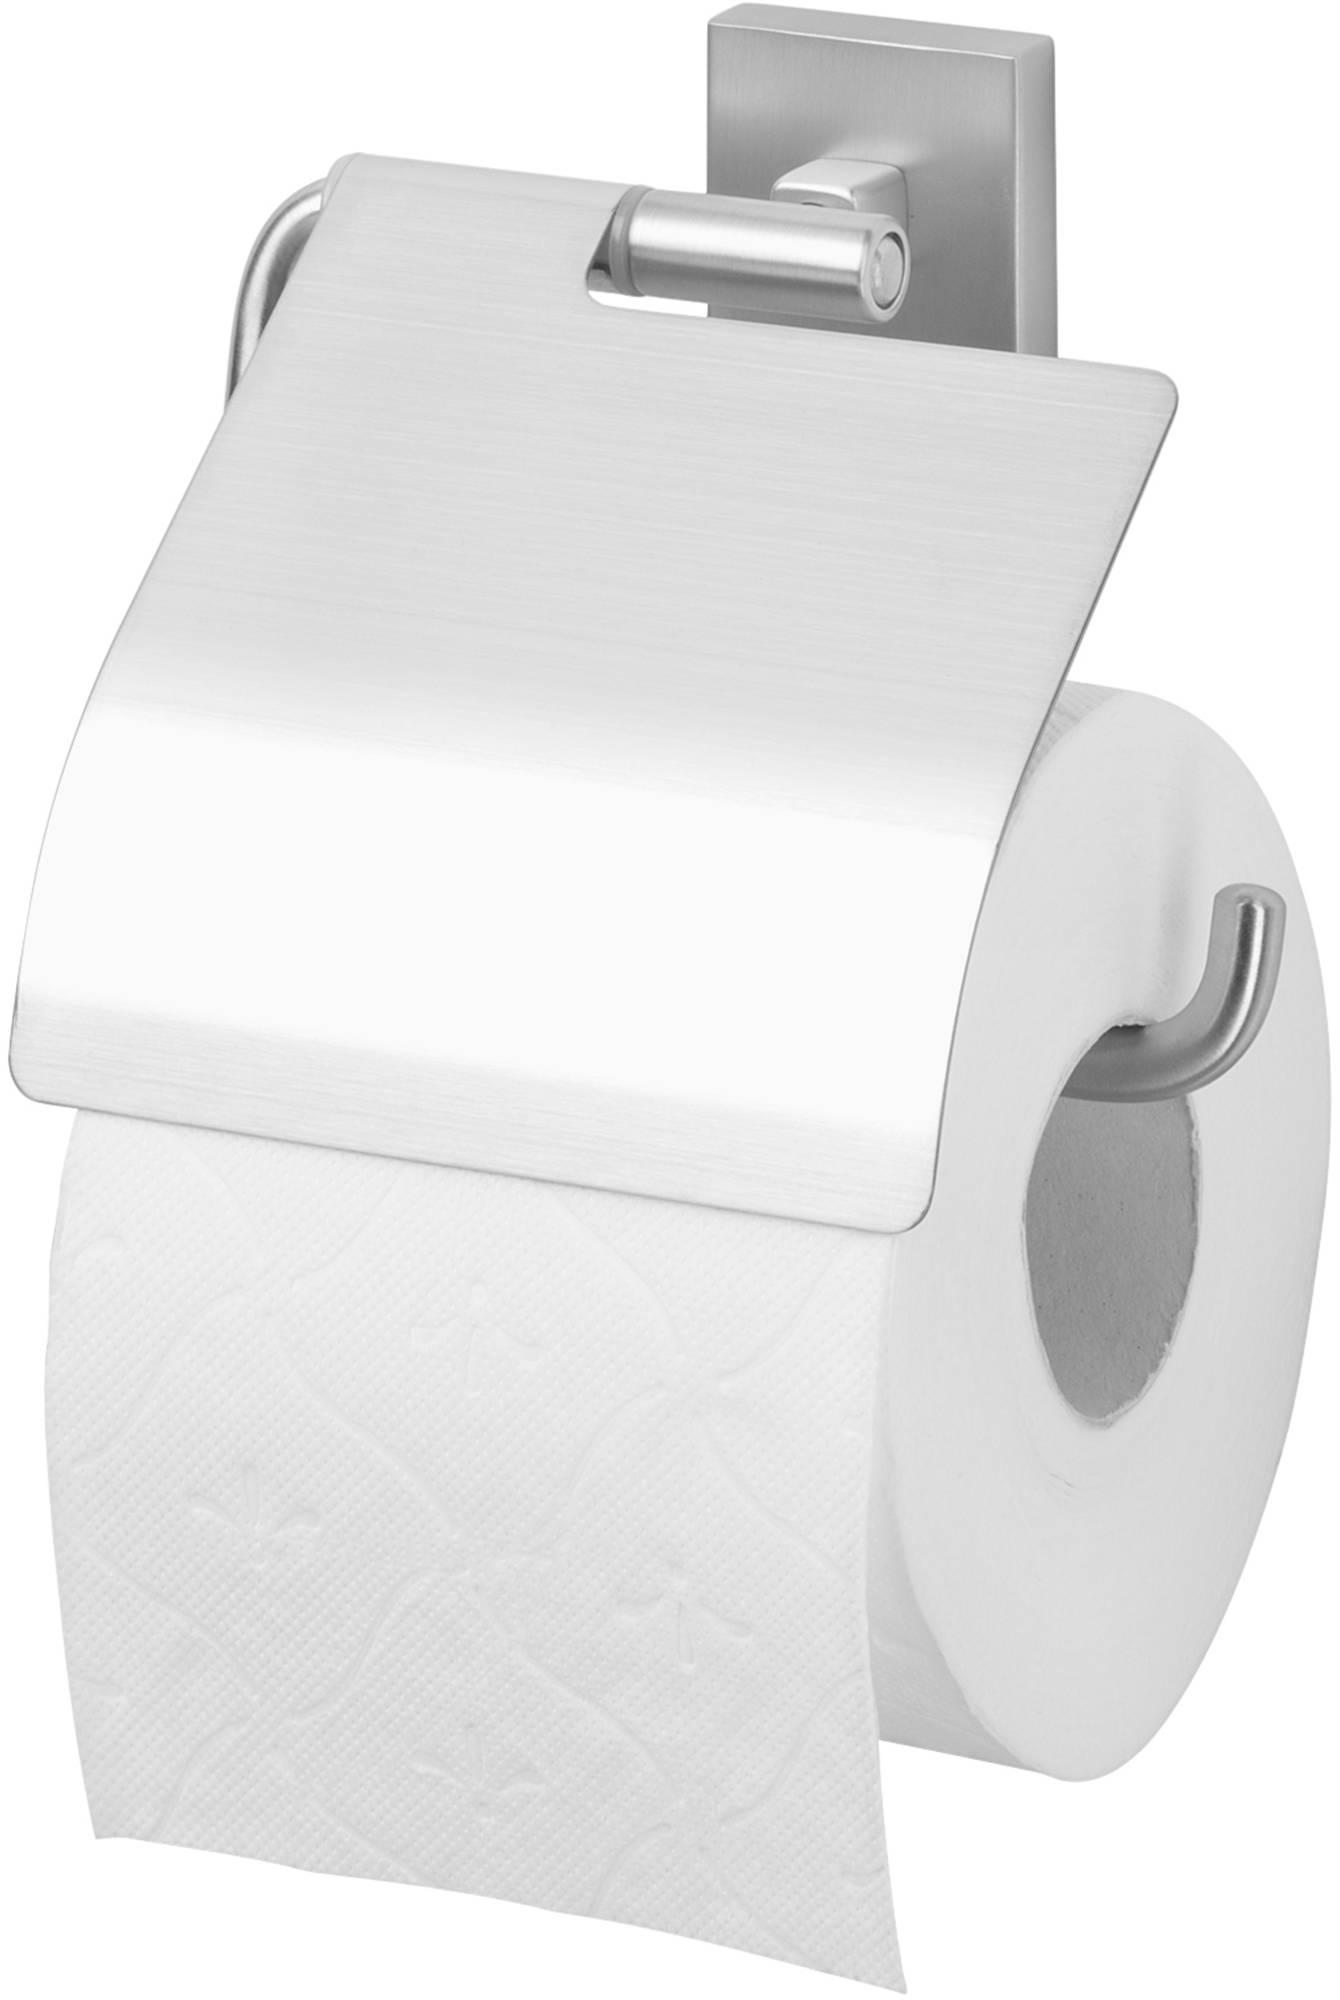 Tiger Melbourne toiletrolhouder met klep RVS